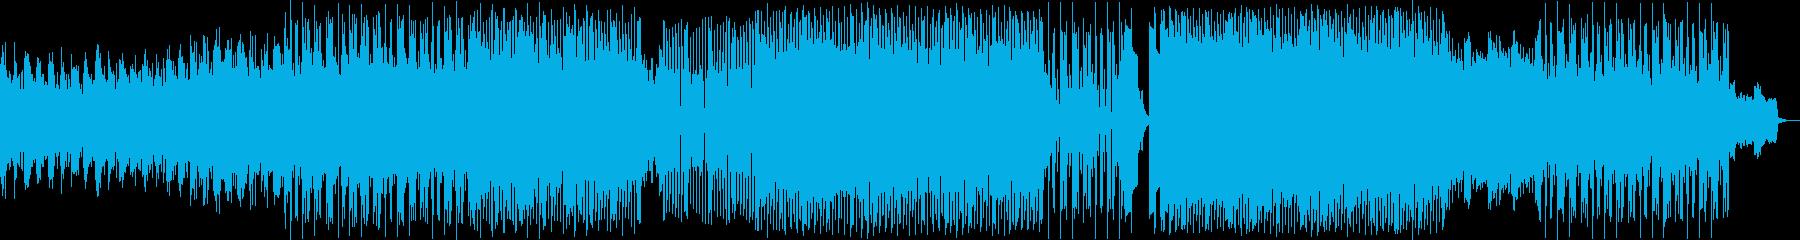 変則で空気感、浮遊感のあるテクノビートの再生済みの波形